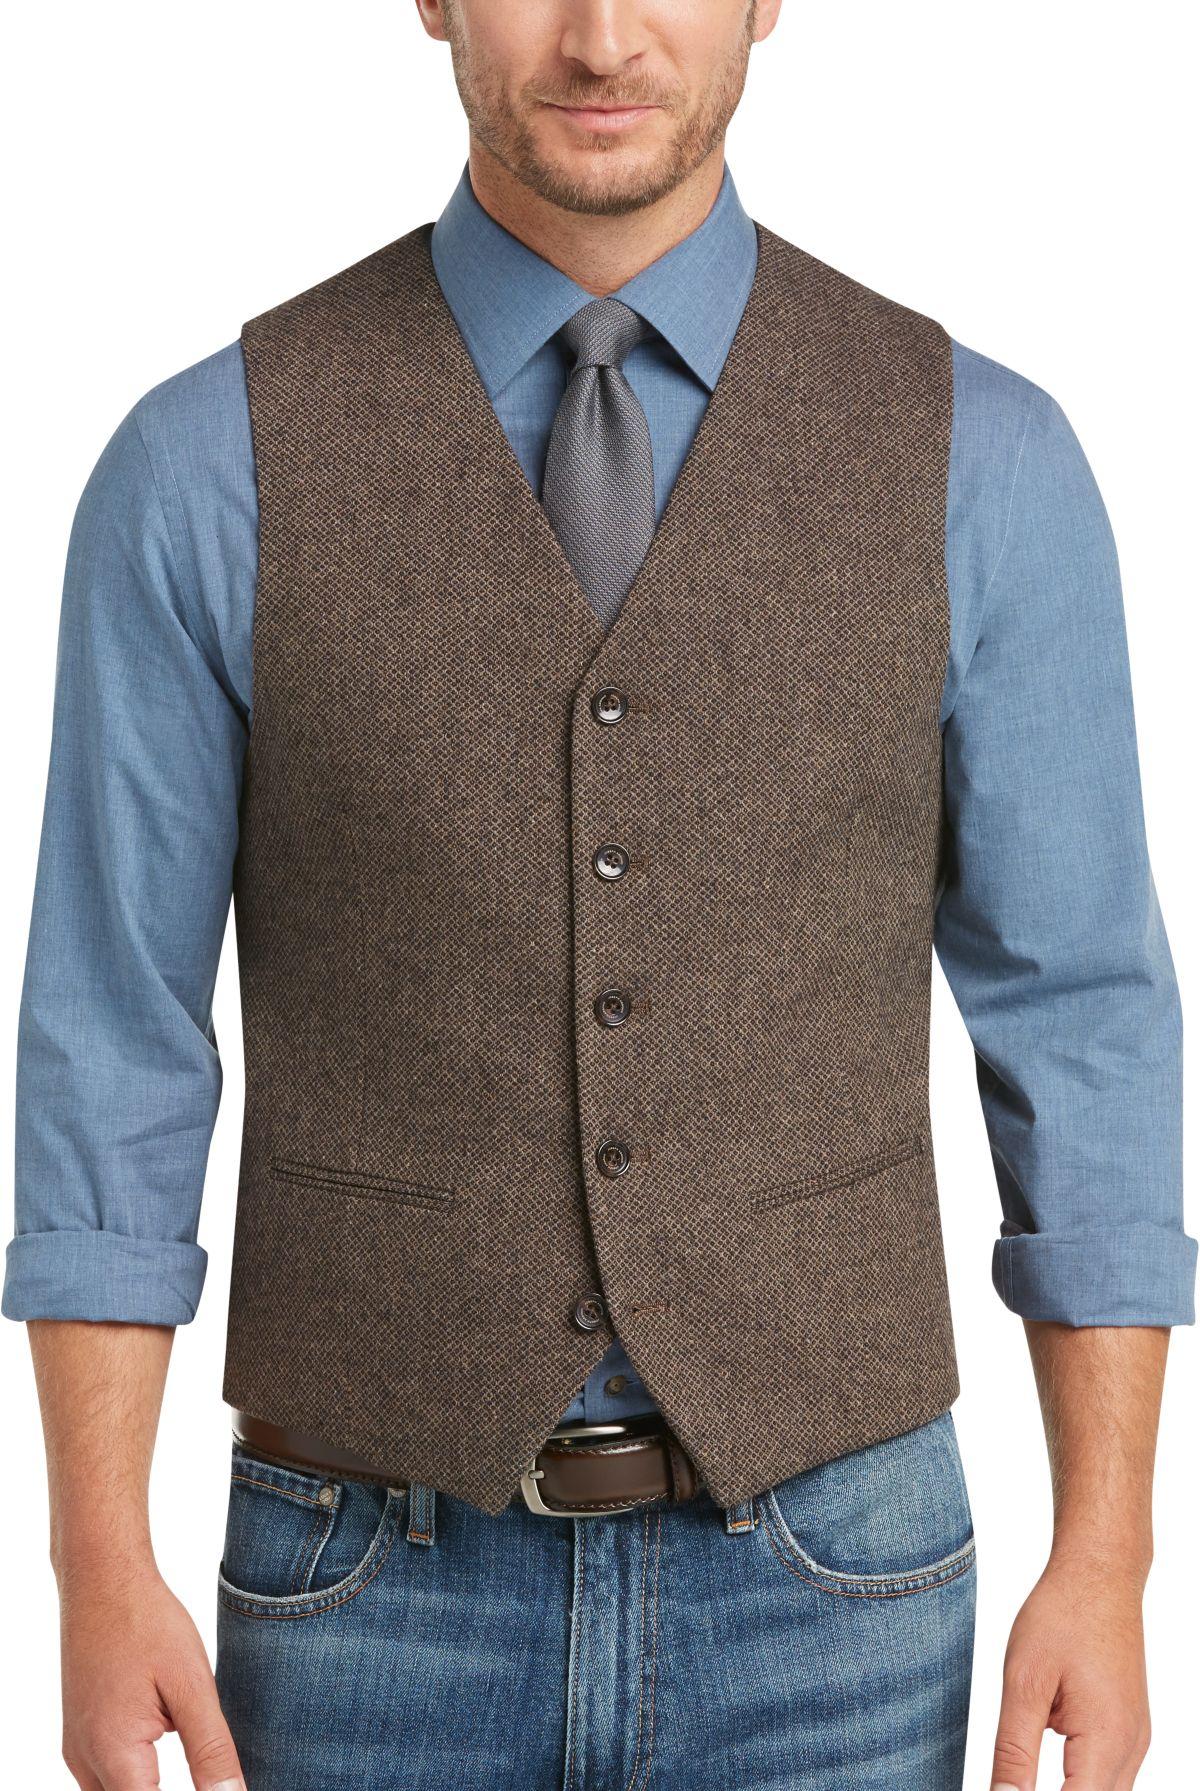 casual dress vest photo - 1